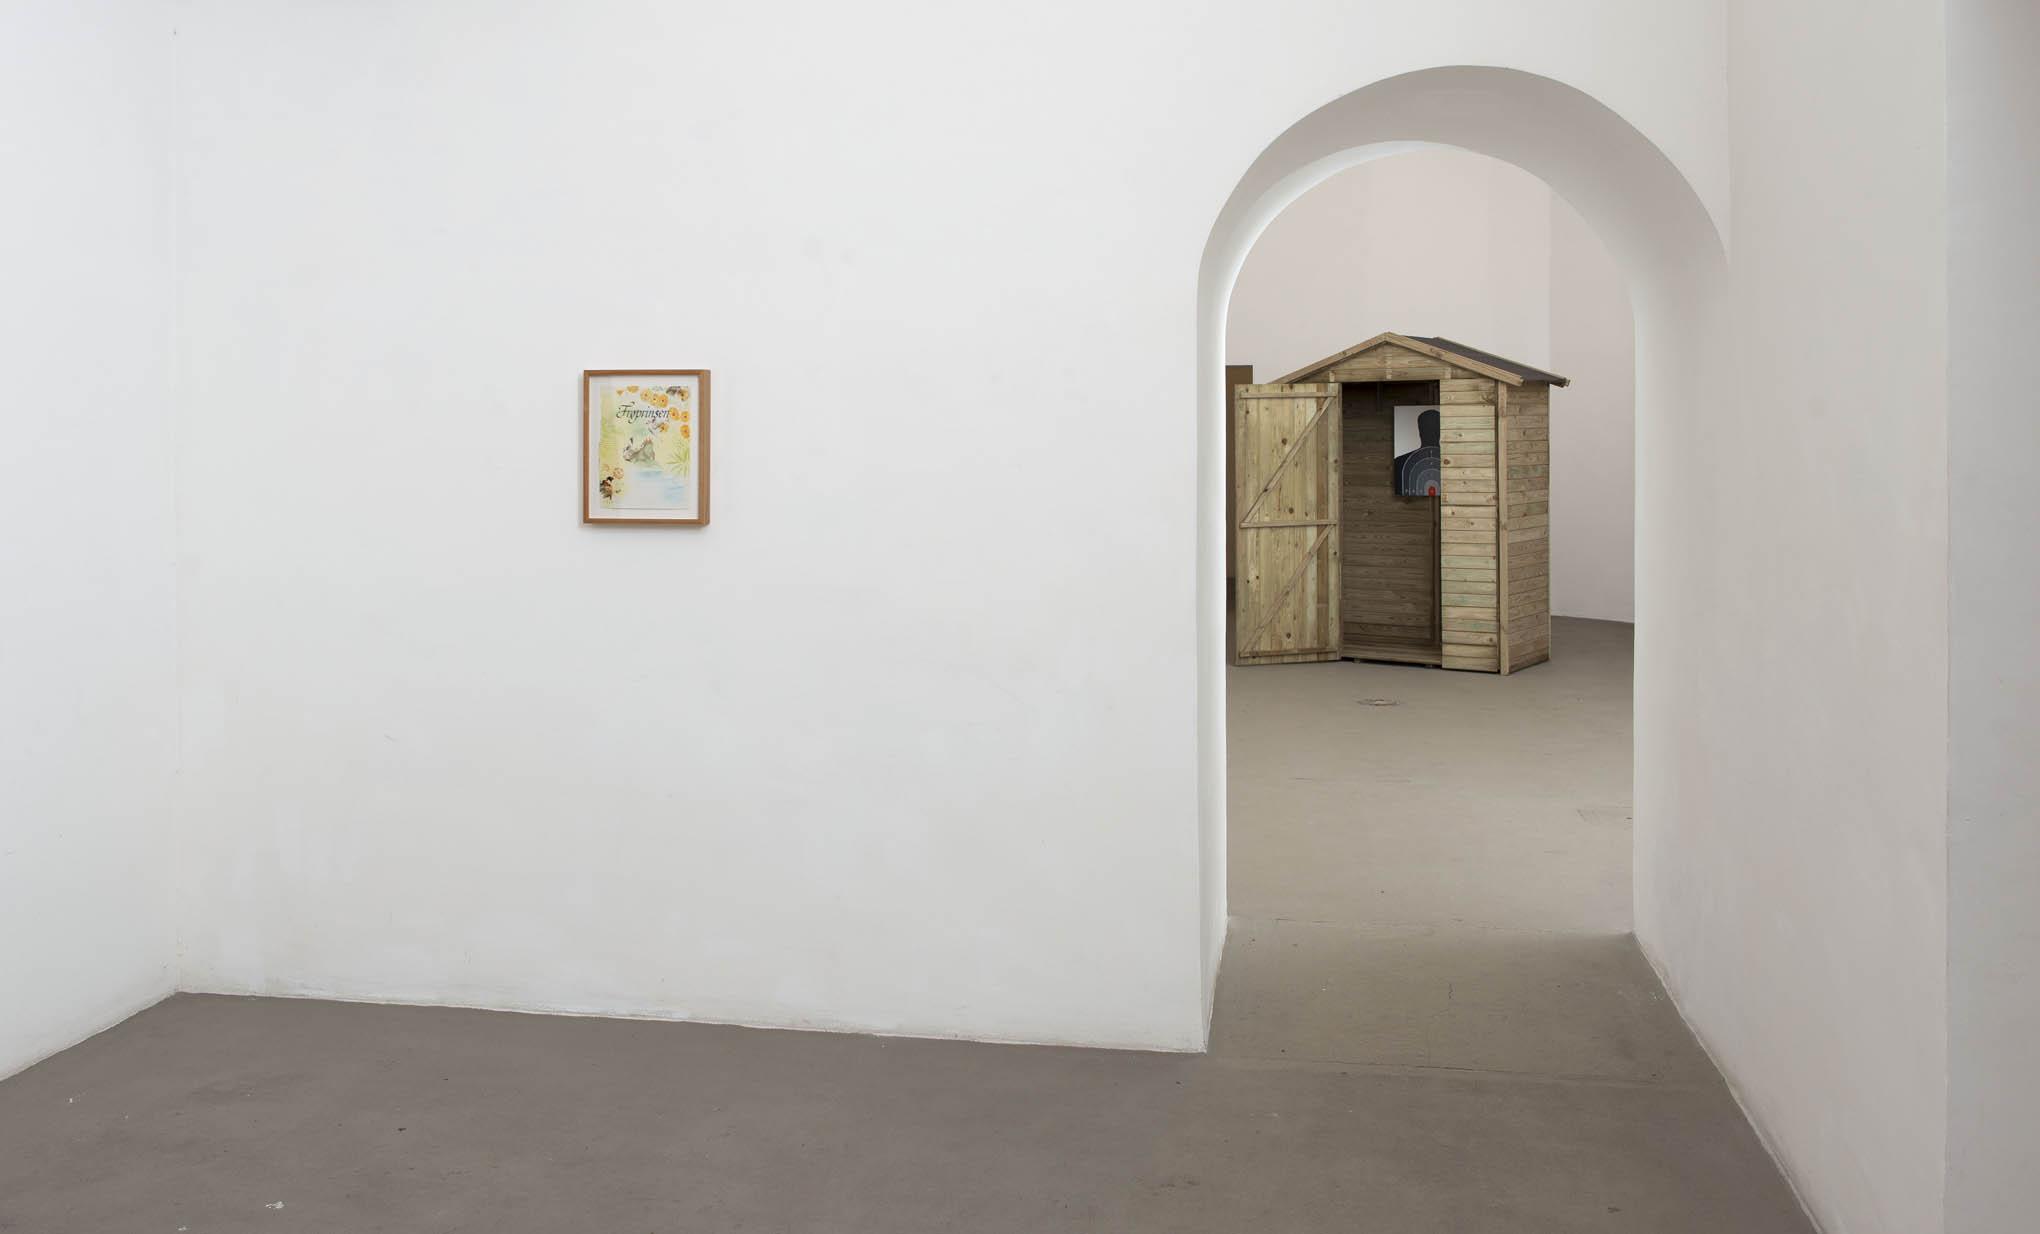 2. Consequences installation view at Fondazione Giuliani, Rome, 2015, photo Giorgio Benni